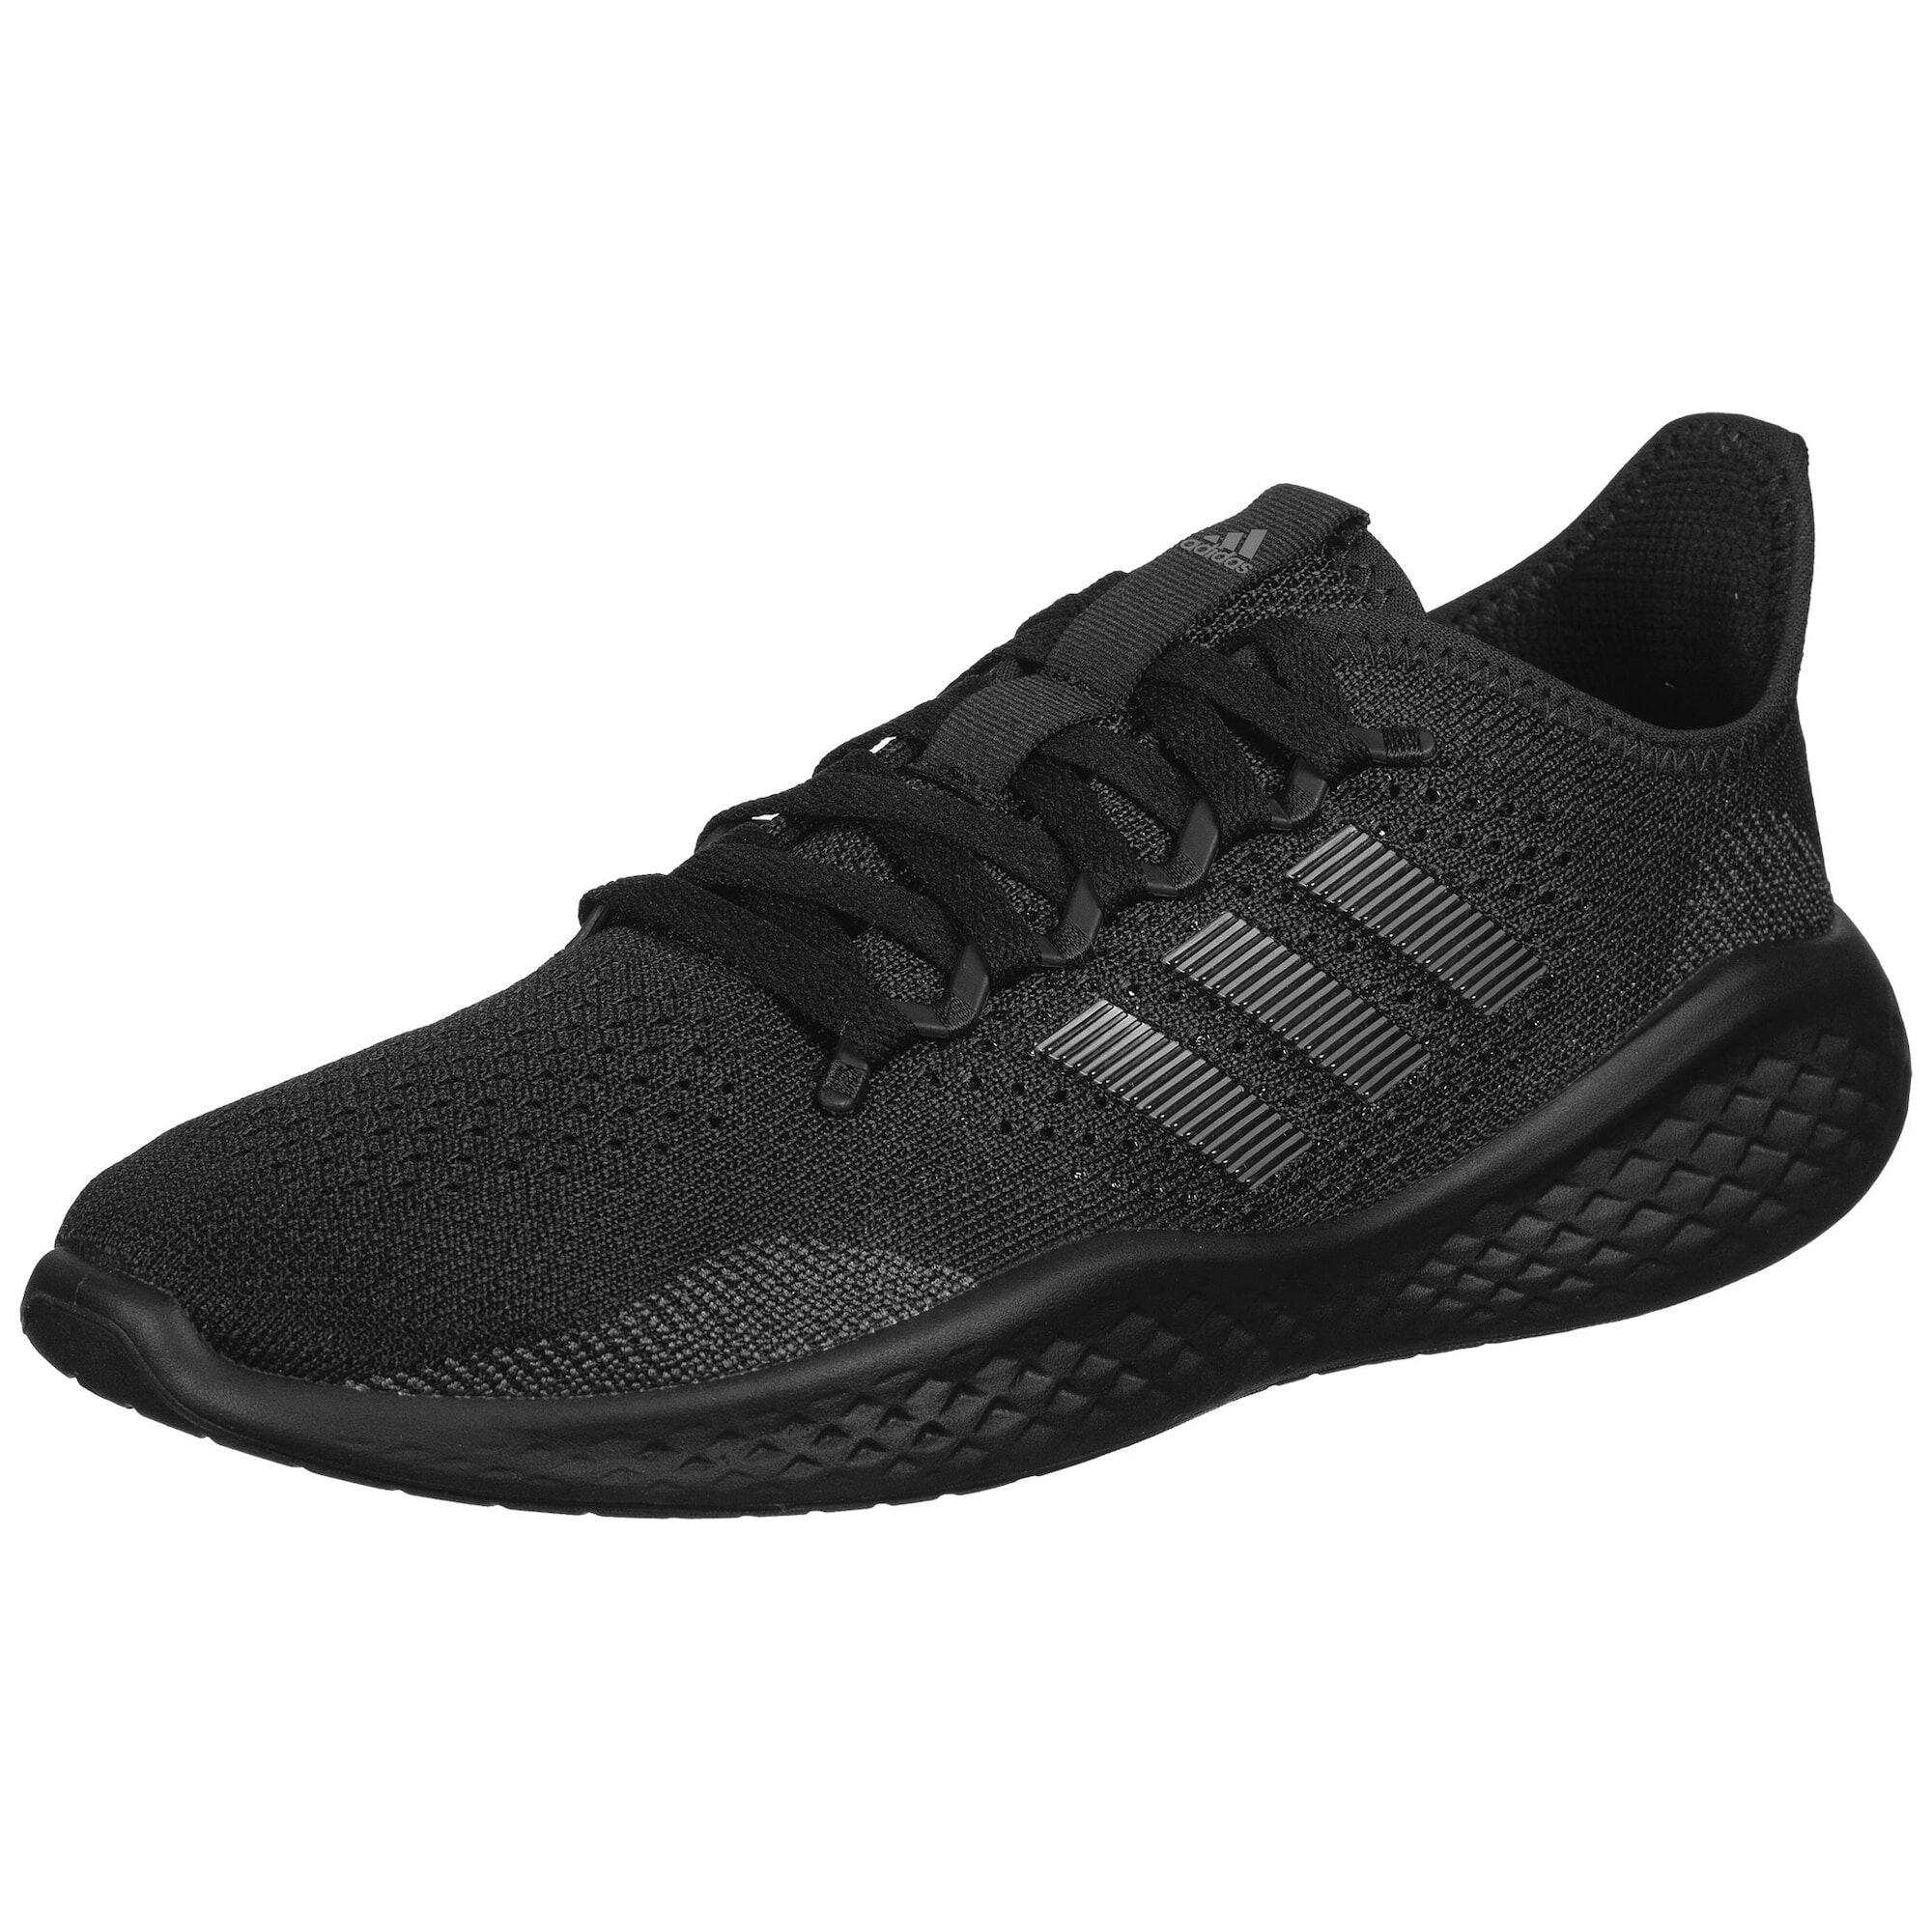 ADIDAS PERFORMANCE Chaussure de course 'Fluidflow 2.0'  - Noir - Taille: 44 - male